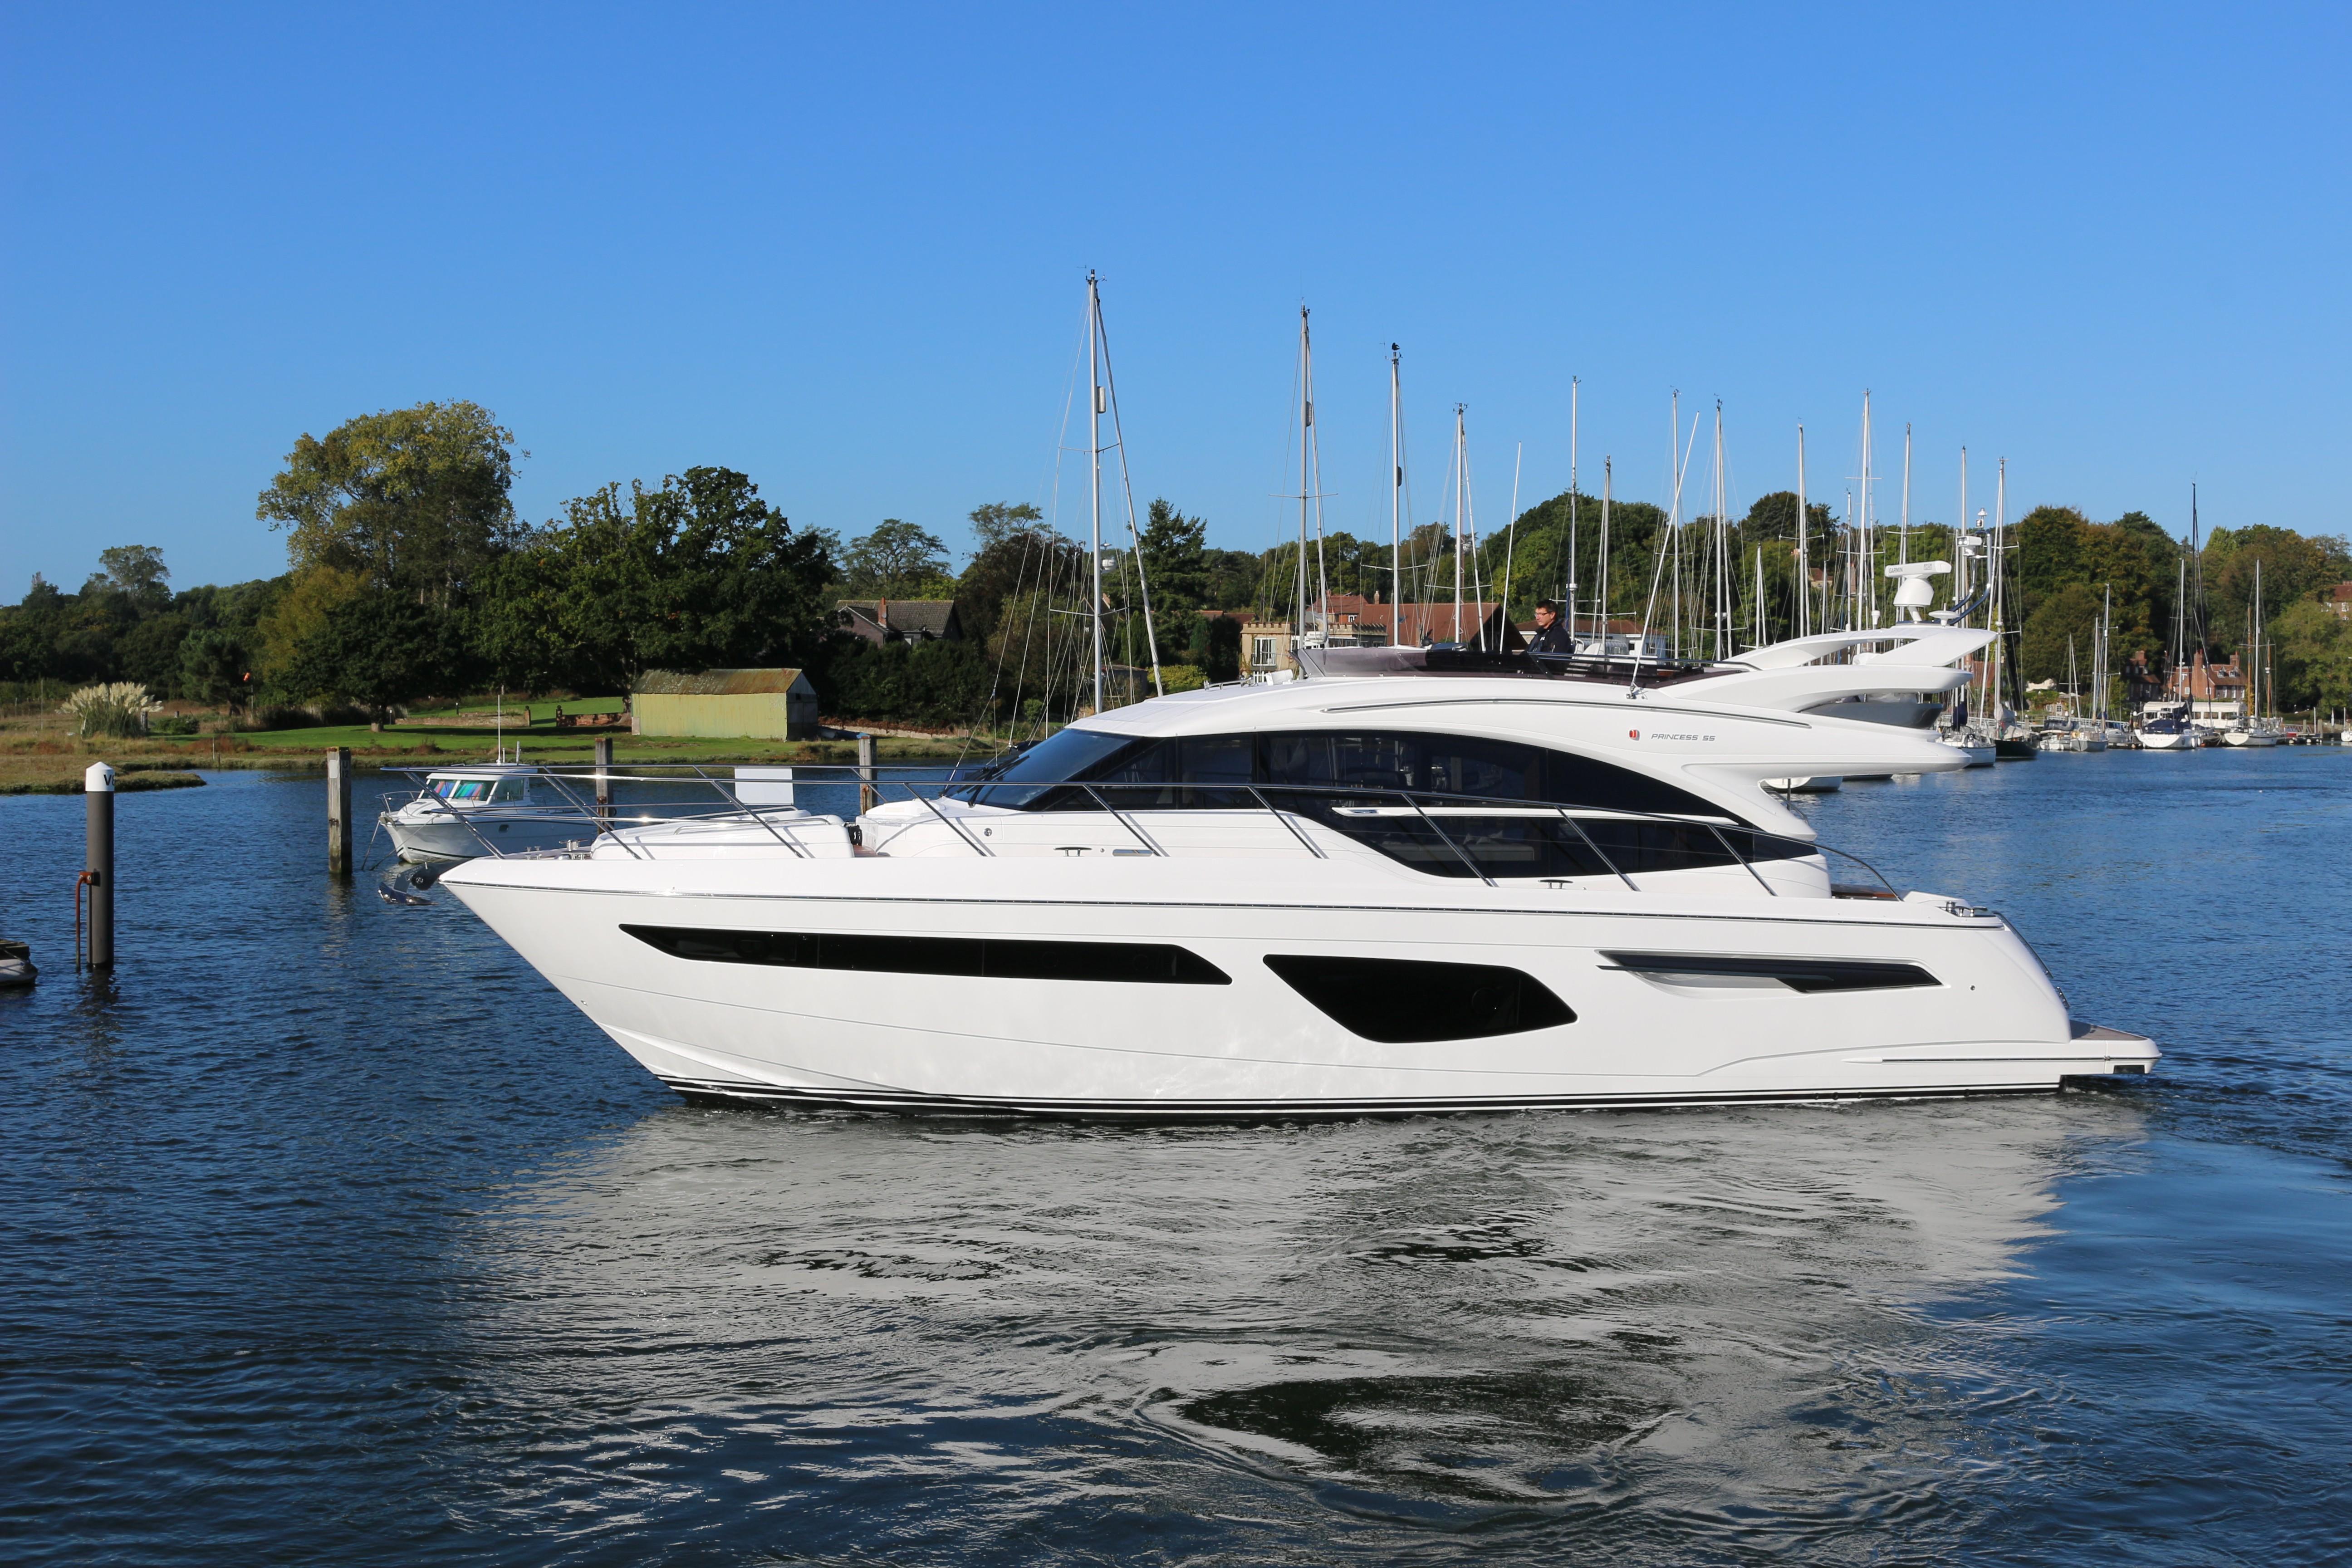 2017 Princess 55 Power Boat For Sale Wwwyachtworldcom